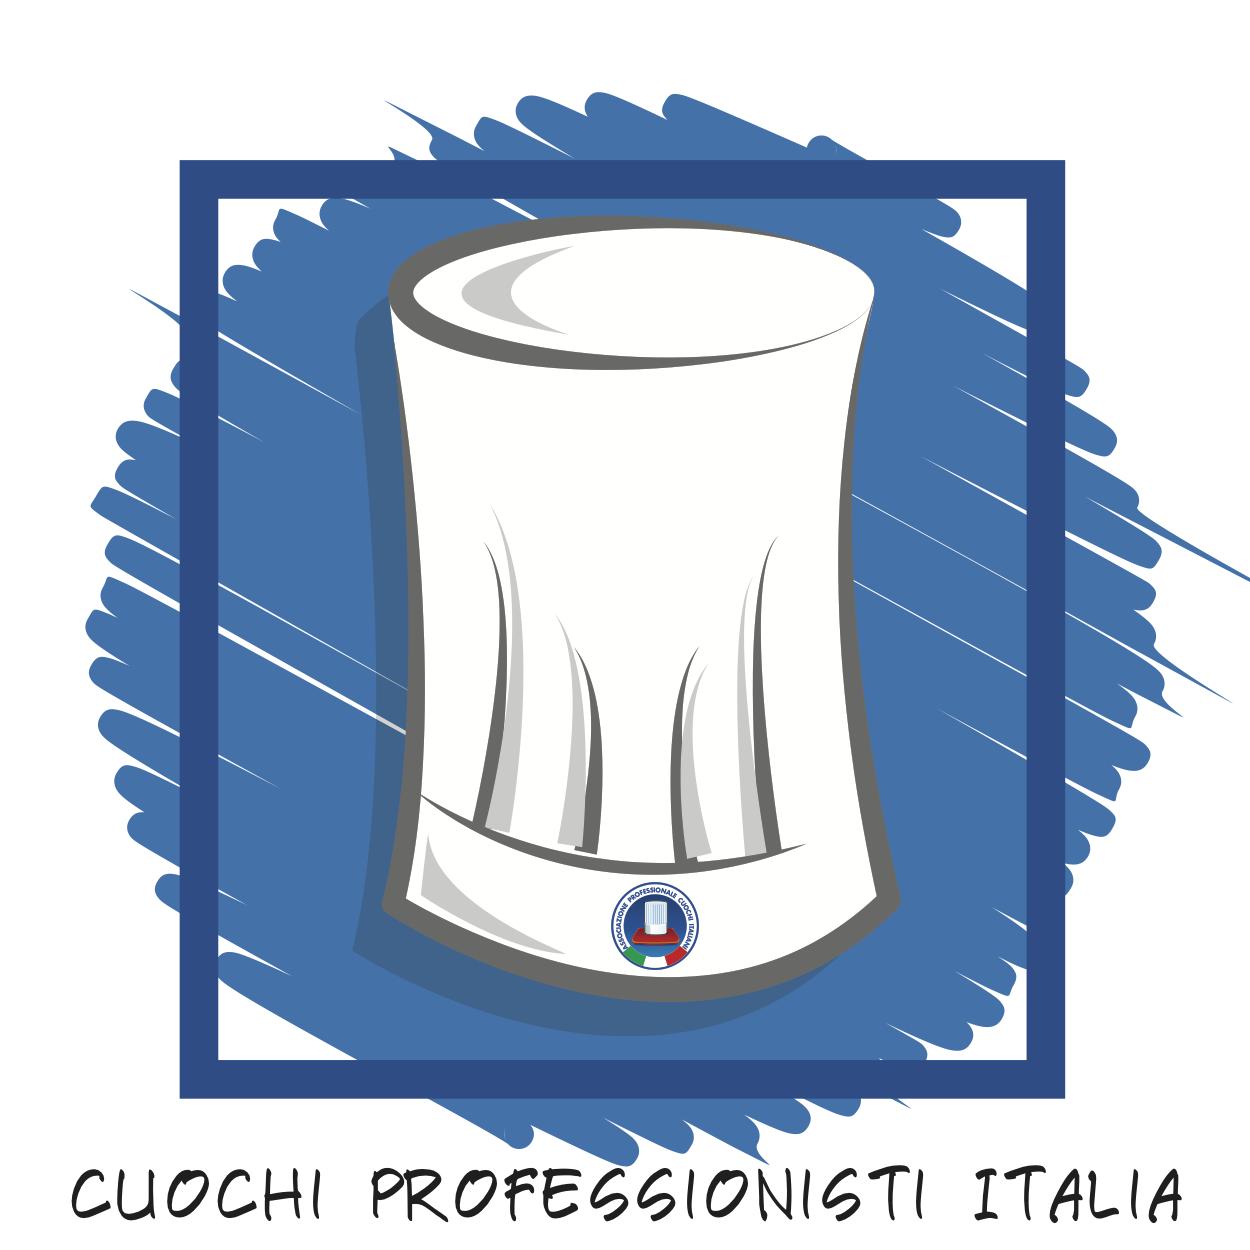 Professionisti_italia